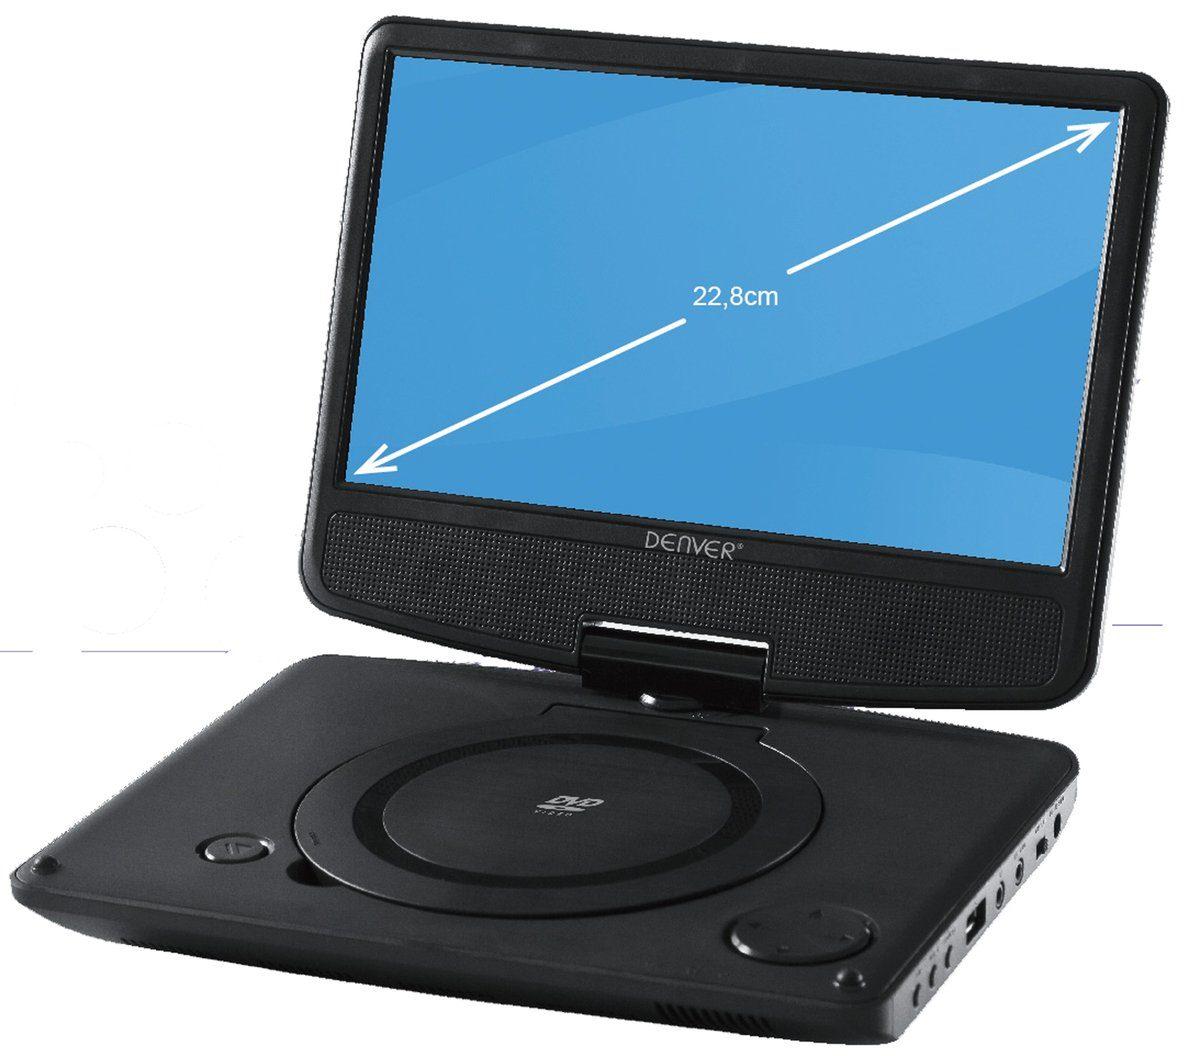 Denver Portabler DVD-Player »MT-983NB«